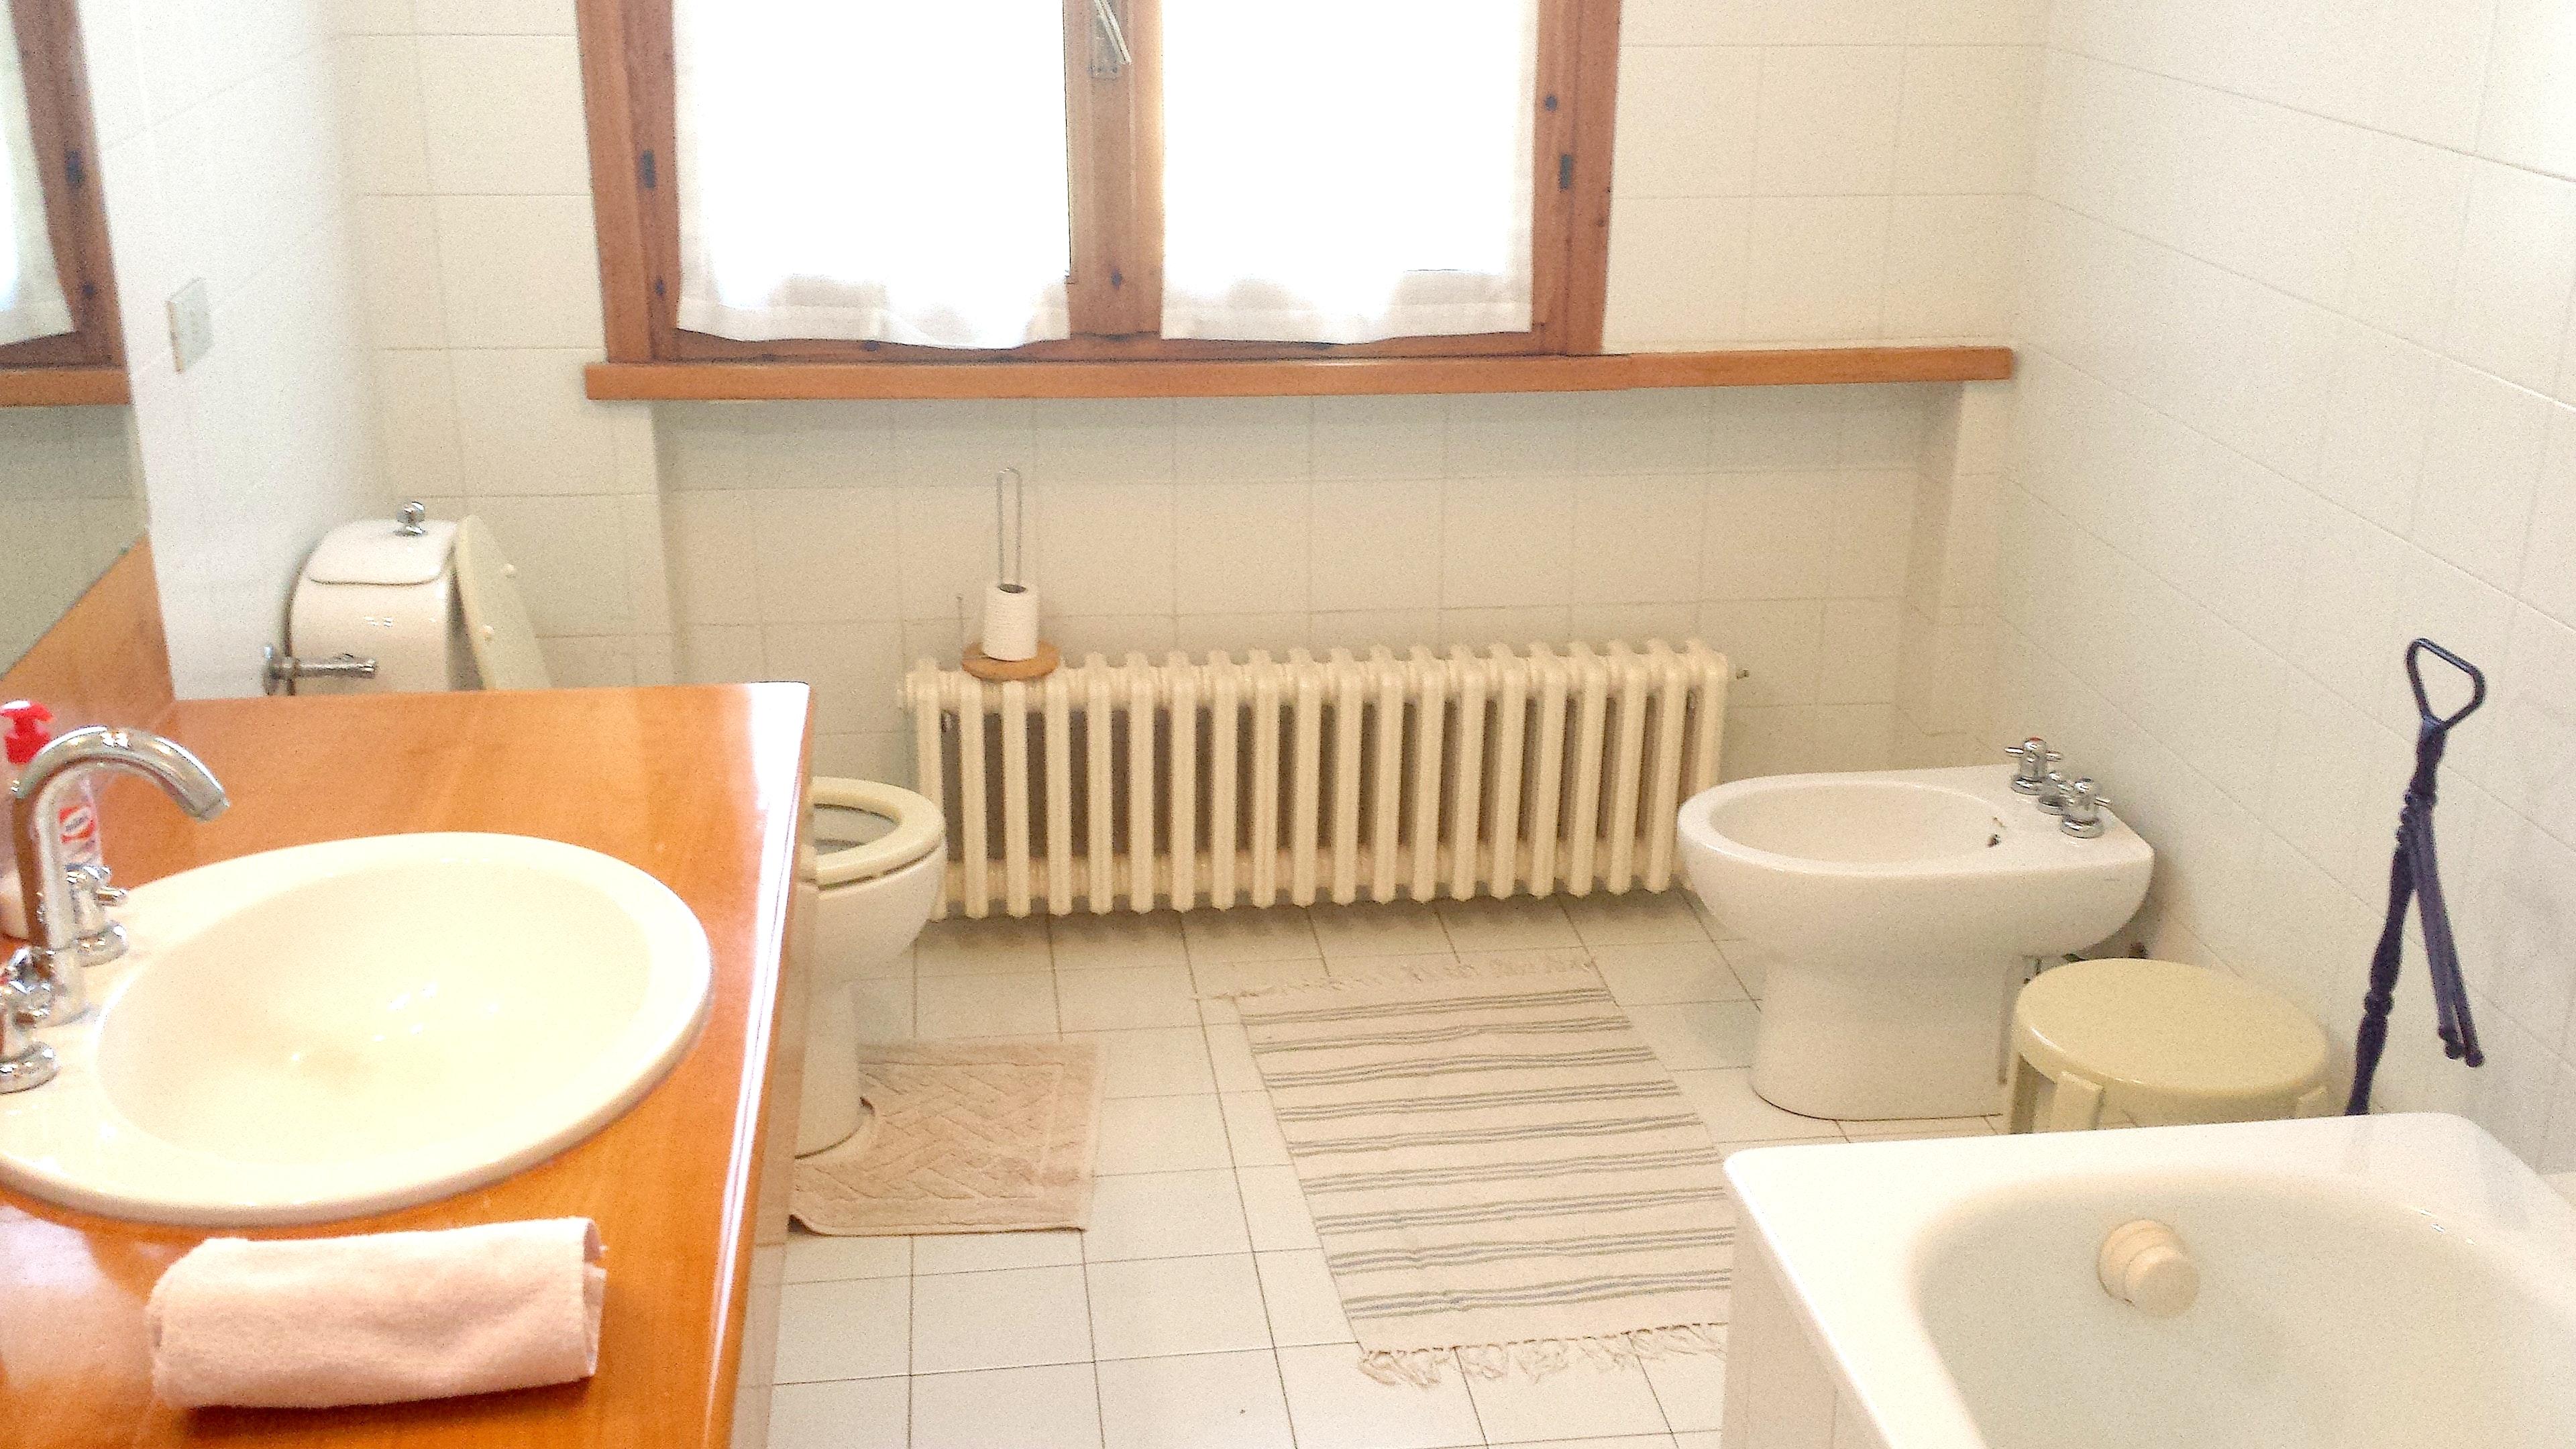 Ferienwohnung Wohnung mit 3 Schlafzimmern in Pesaro mit Pool, eingezäuntem Garten und W-LAN - 4 km vom S (2339355), Pesaro, Pesaro und Urbino, Marken, Italien, Bild 14